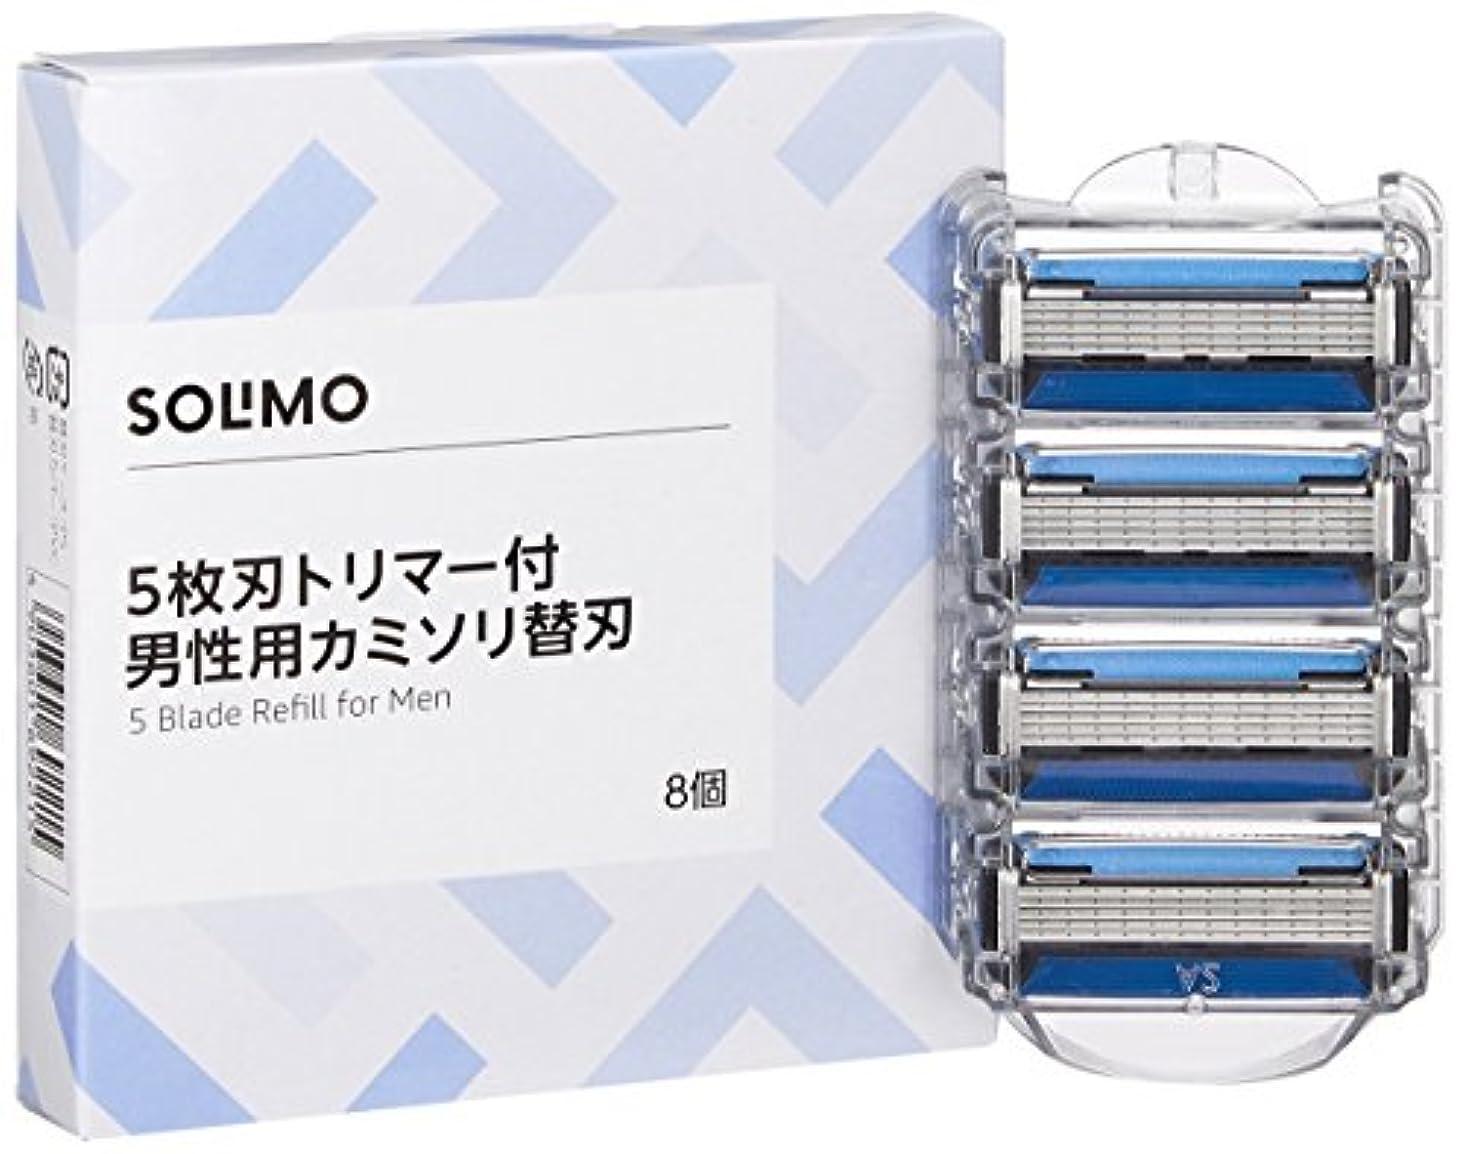 野望赤ちゃん飛行場[Amazonブランド]SOLIMO 5枚刃 トリマー付 男性用 カミソリ替刃8個